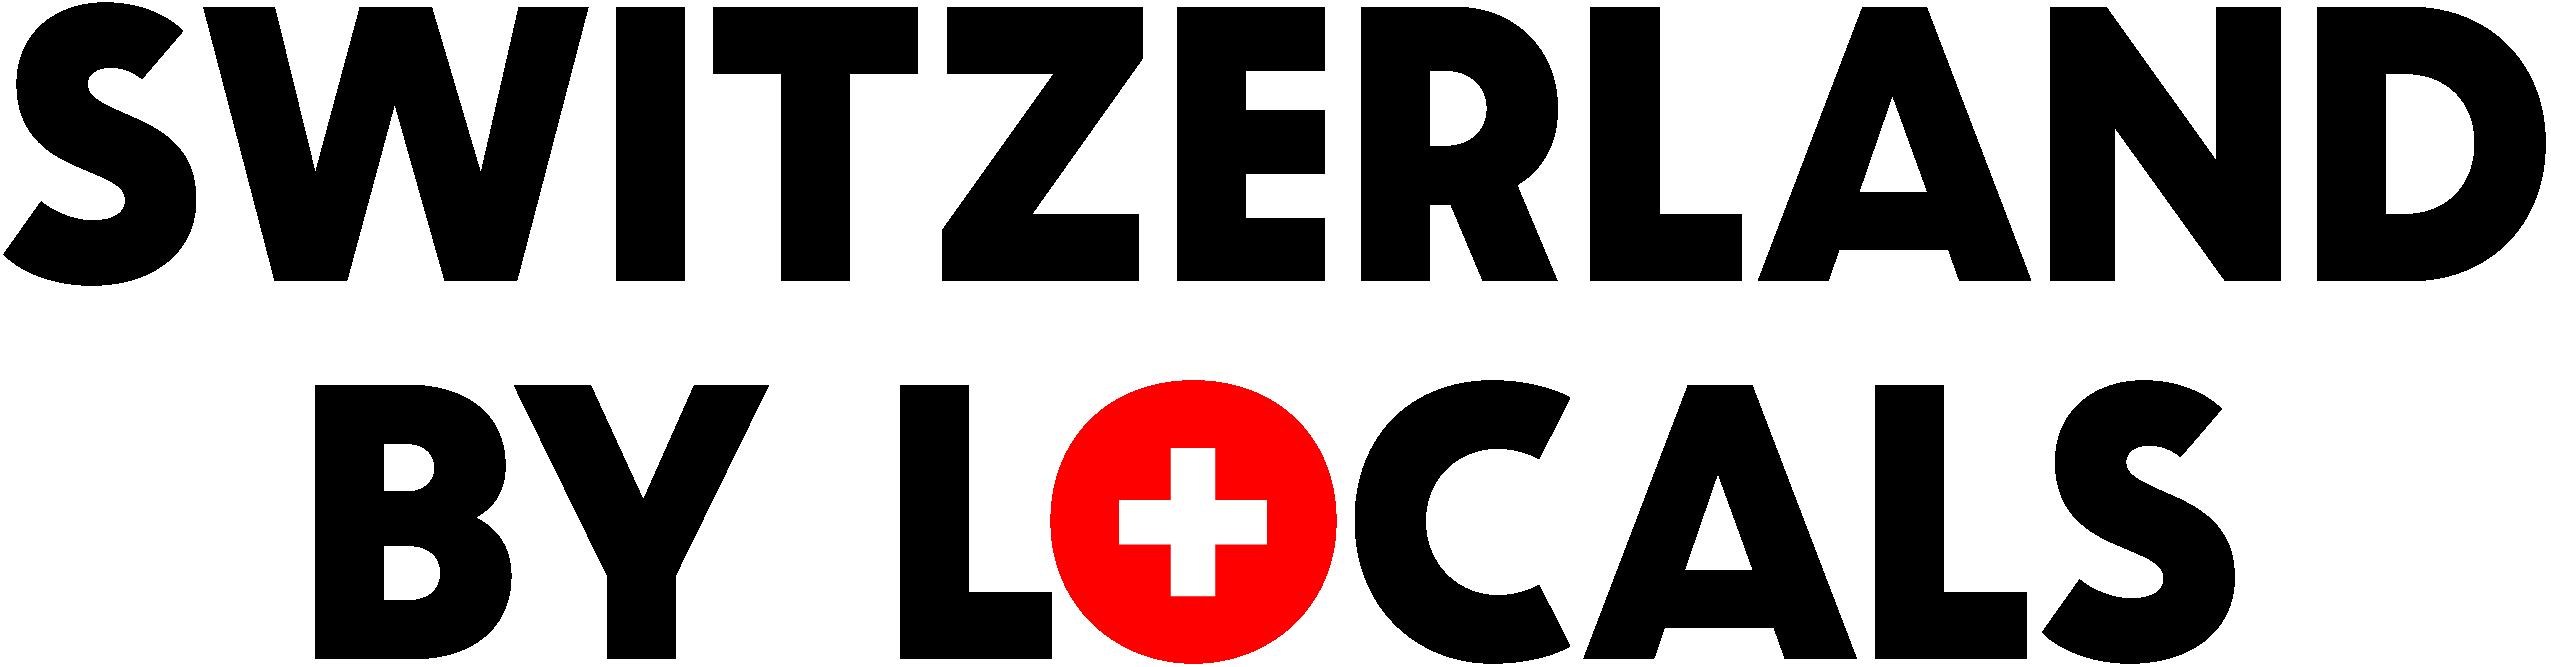 Switzerland by locals